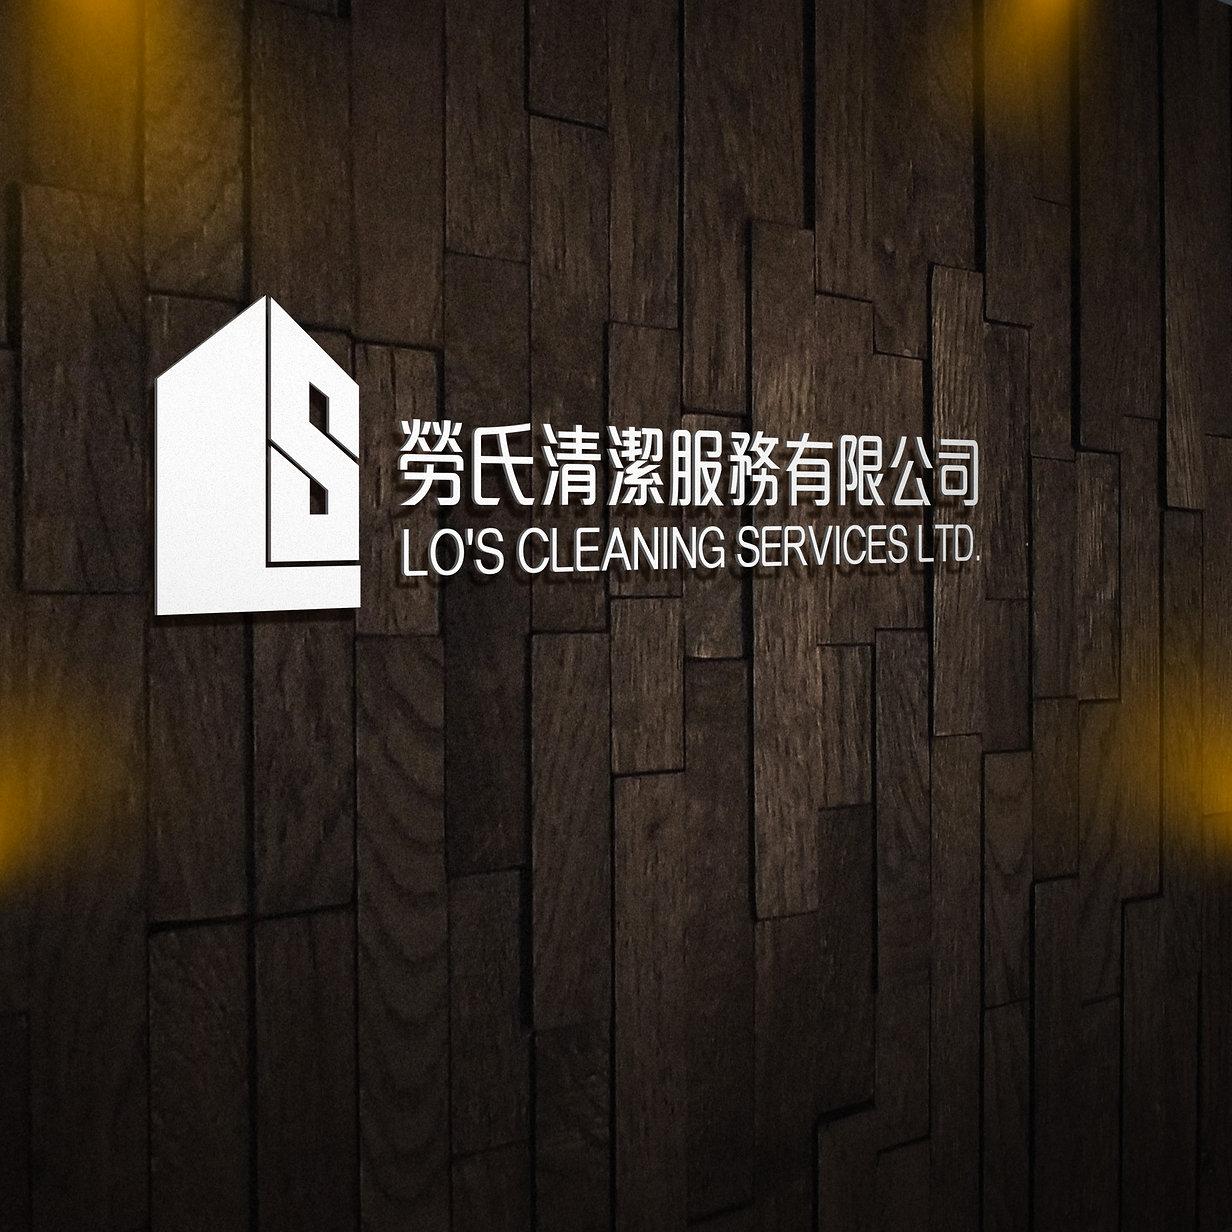 招聘 | Lo's Cleaning Services ltd. | 香港